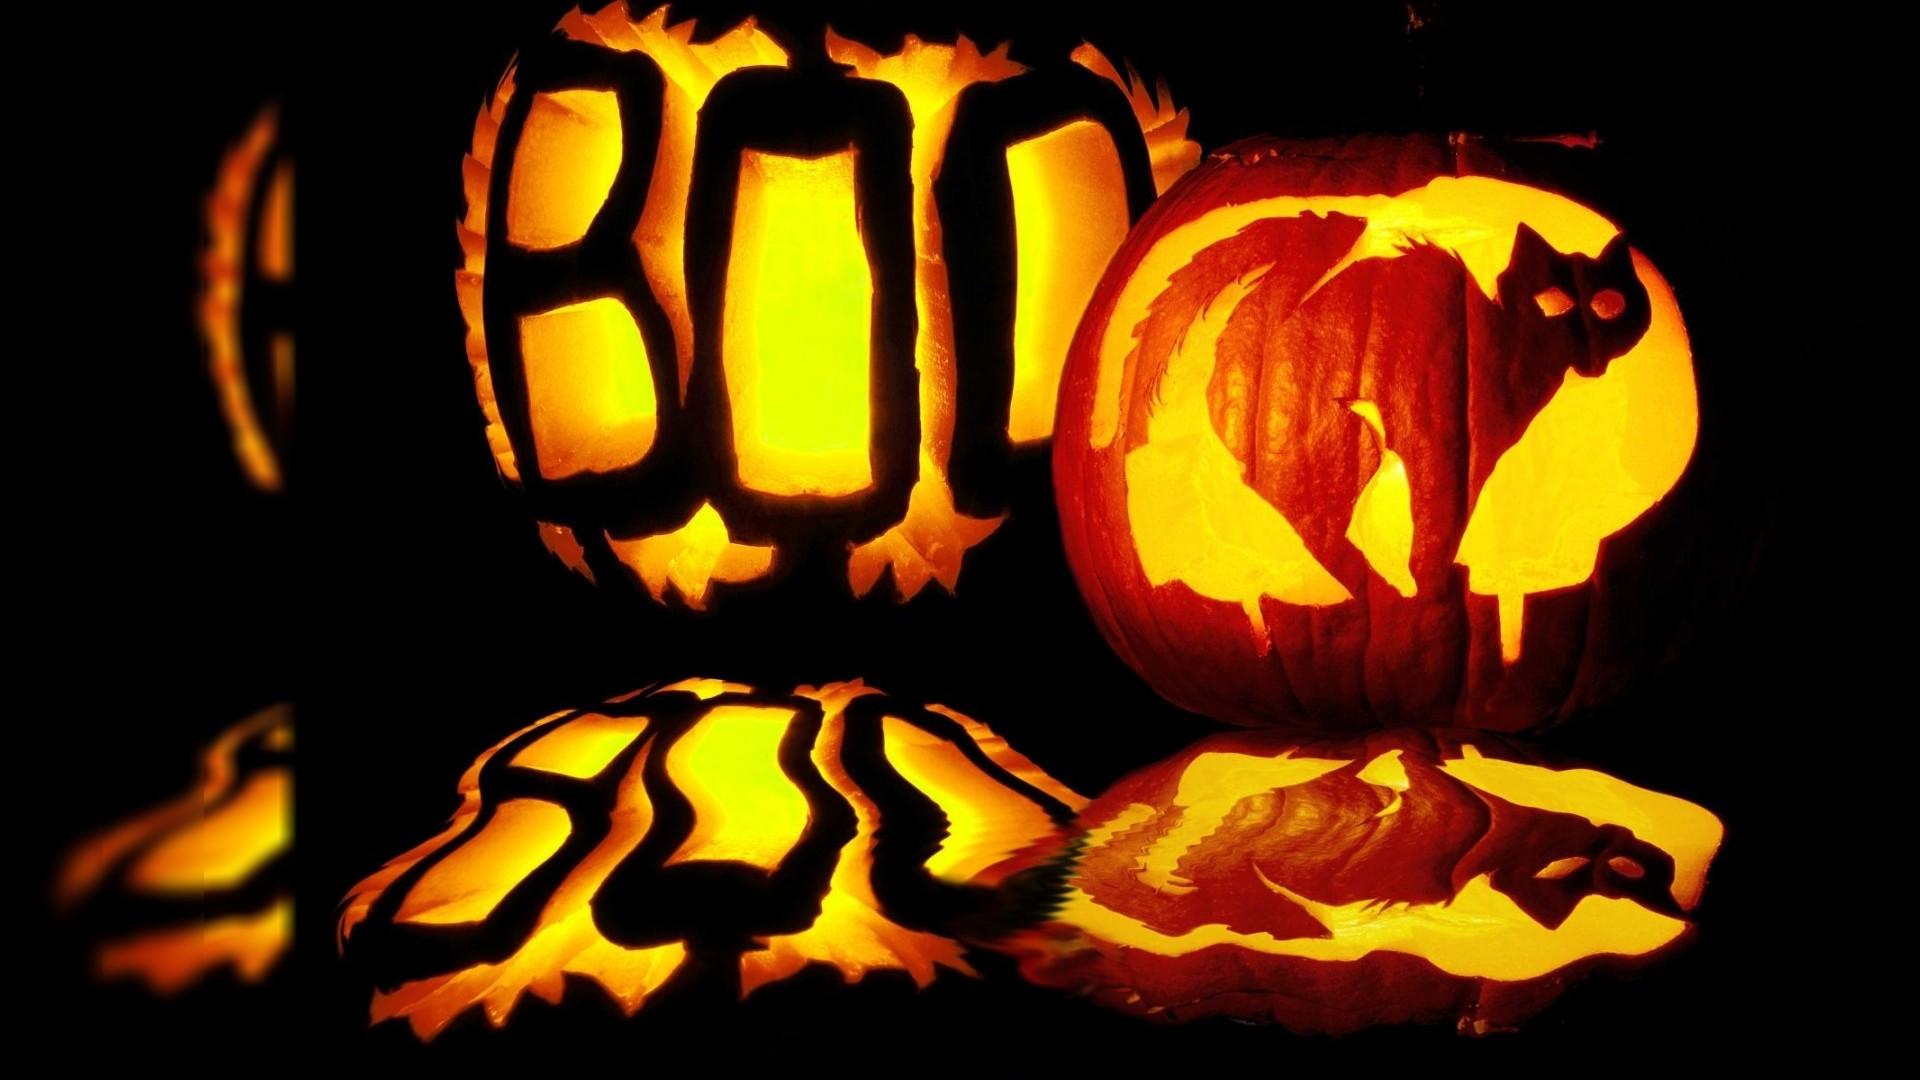 halloween desktop hd wallpaper | wallpapers55.com – Best Wallpapers .